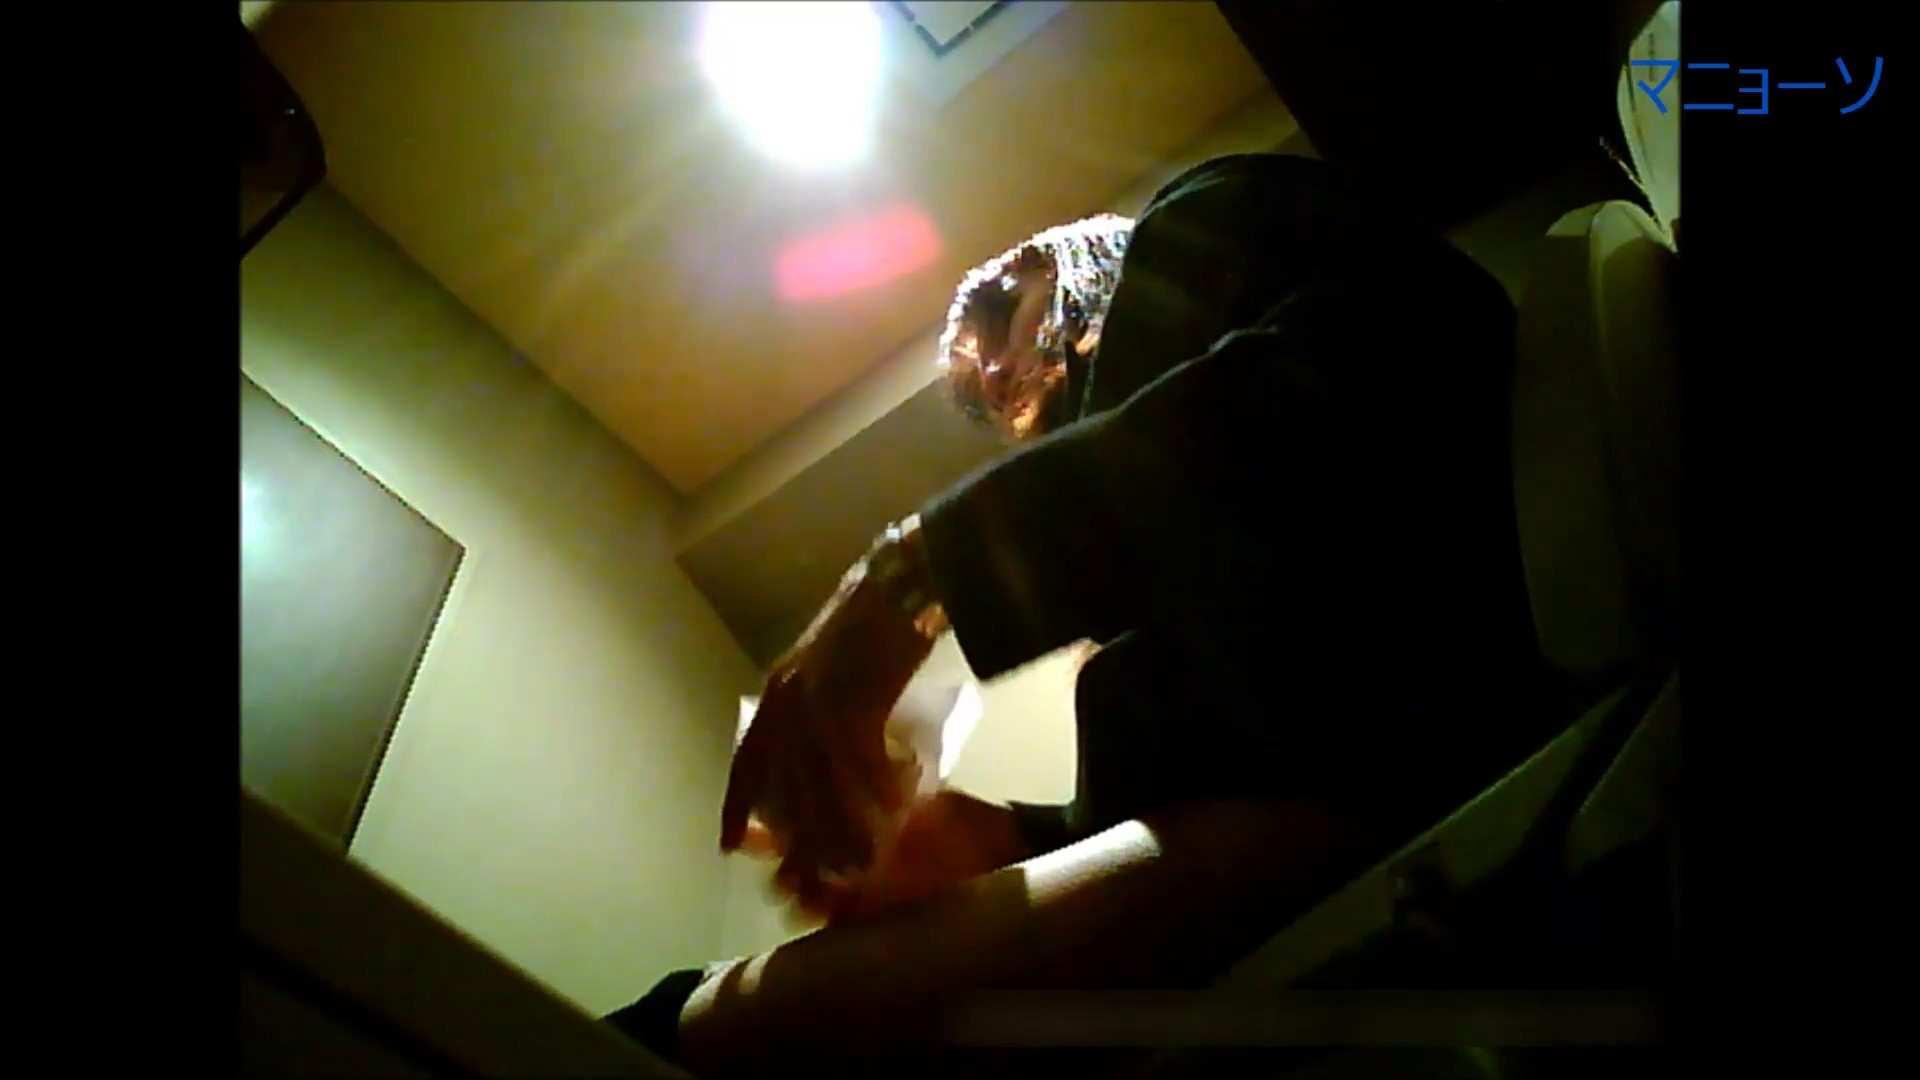 トイレでひと肌脱いでもらいました (OL編)Vol.06 OL  61pic 10